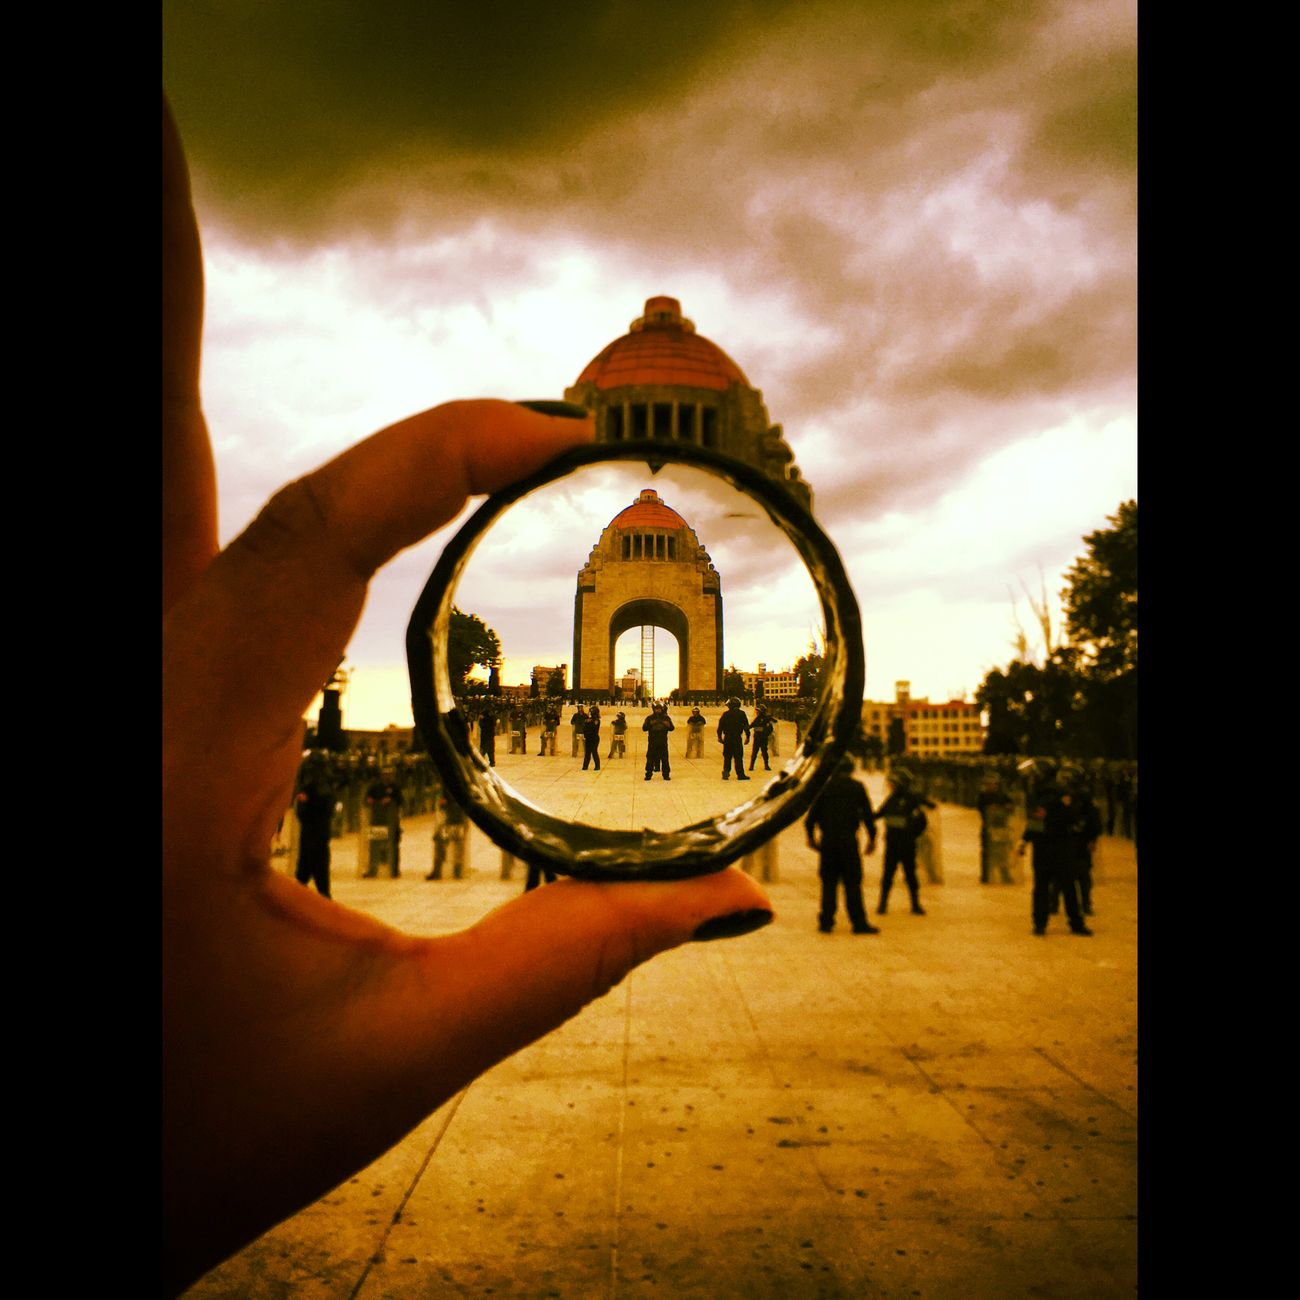 Monumento Revolucion Mexicocity  D.f Ciudad Photo CirceLozada (null)Photography Photojournalism Ciudad